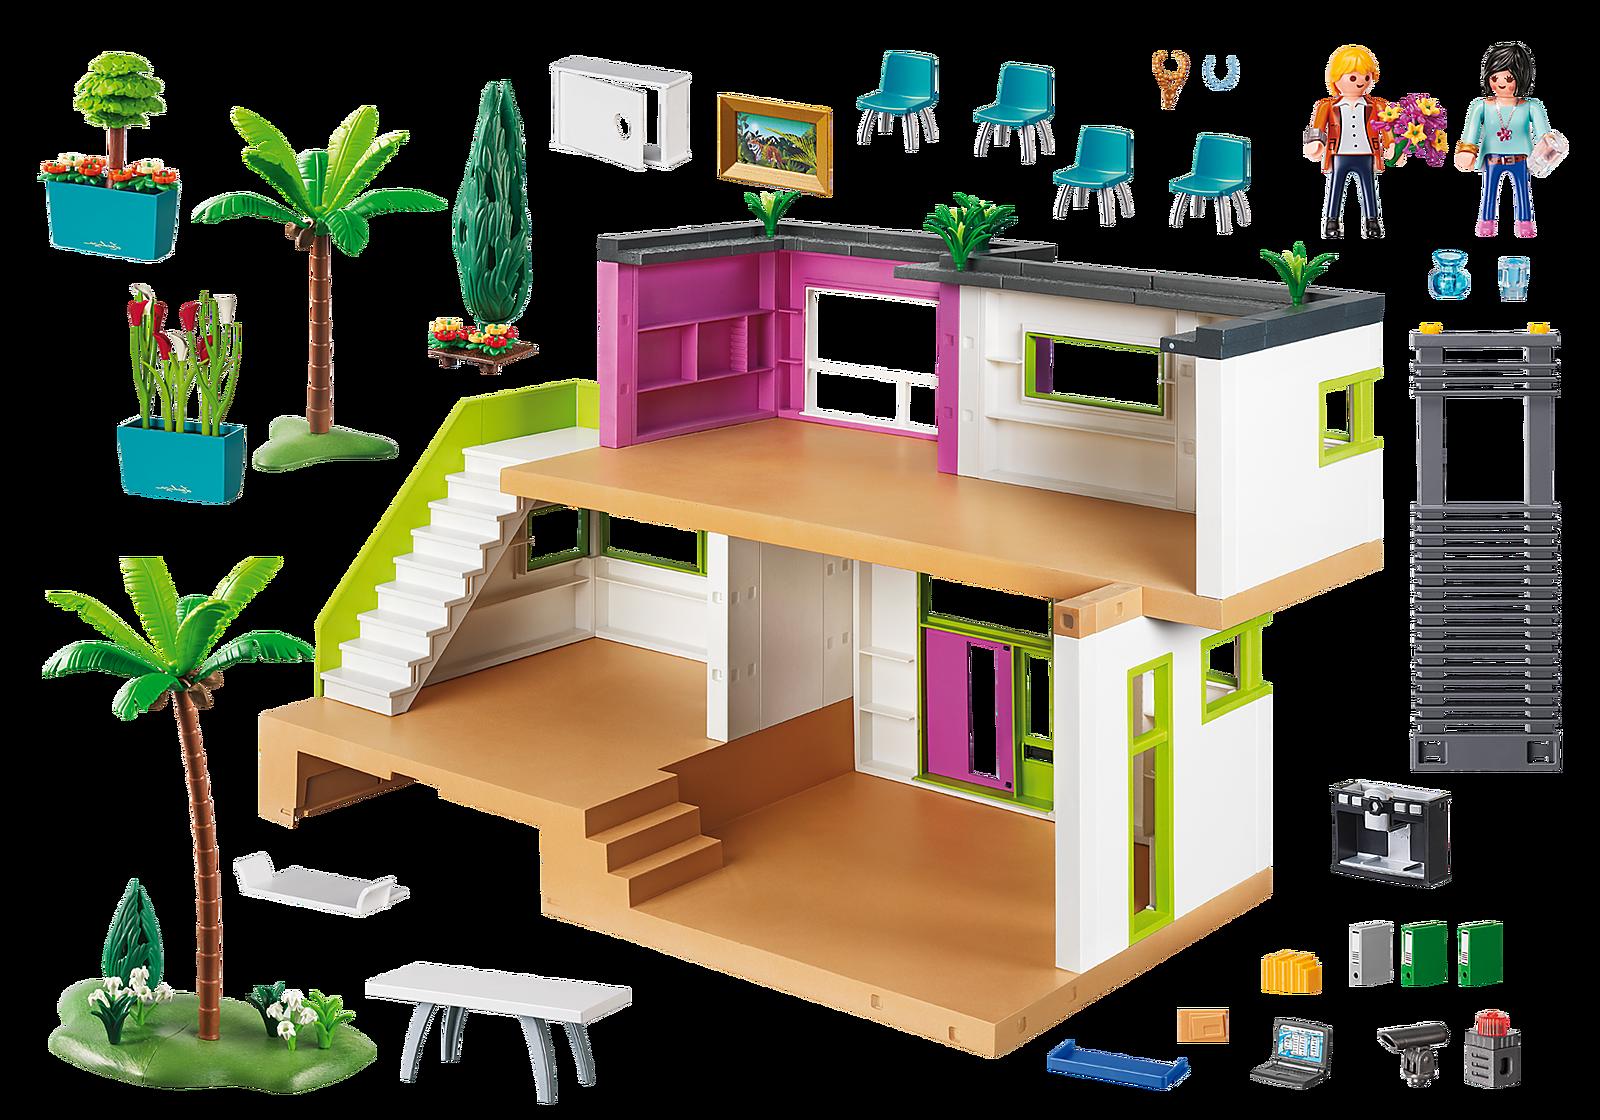 La maison moderne playmobil a beaucoup d'accessoires à jouer.